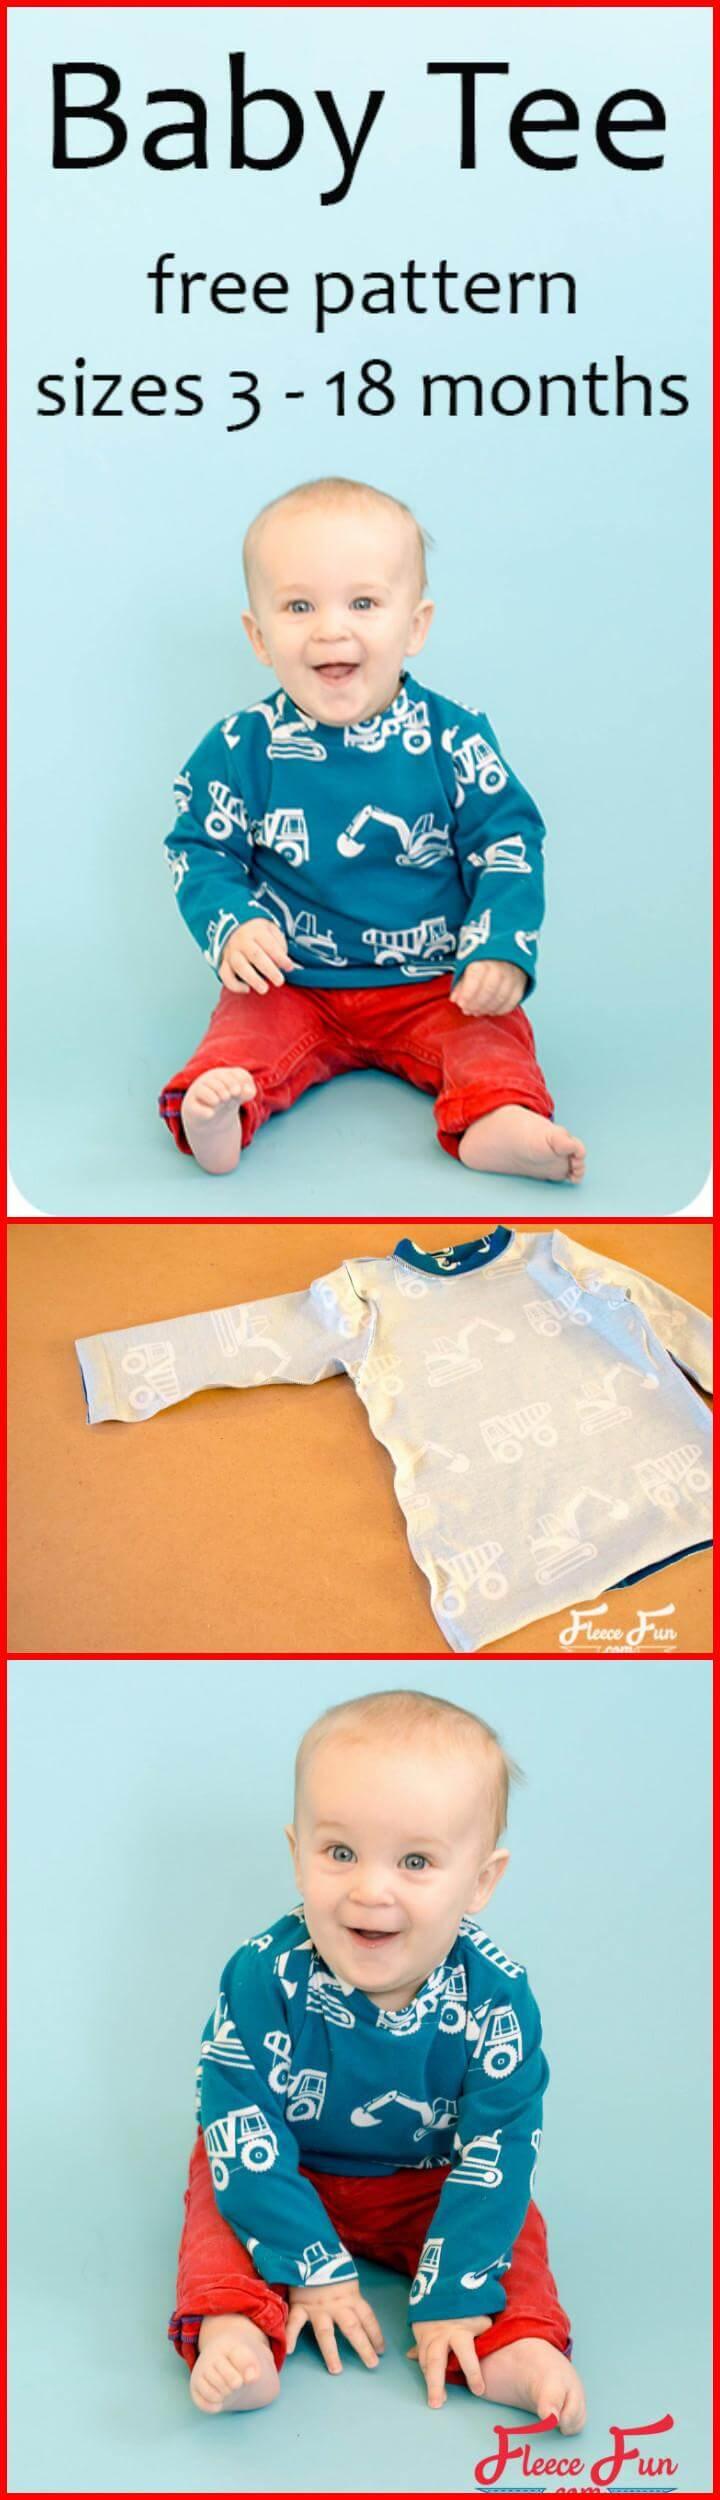 patrón libre de camiseta de bebé fácil